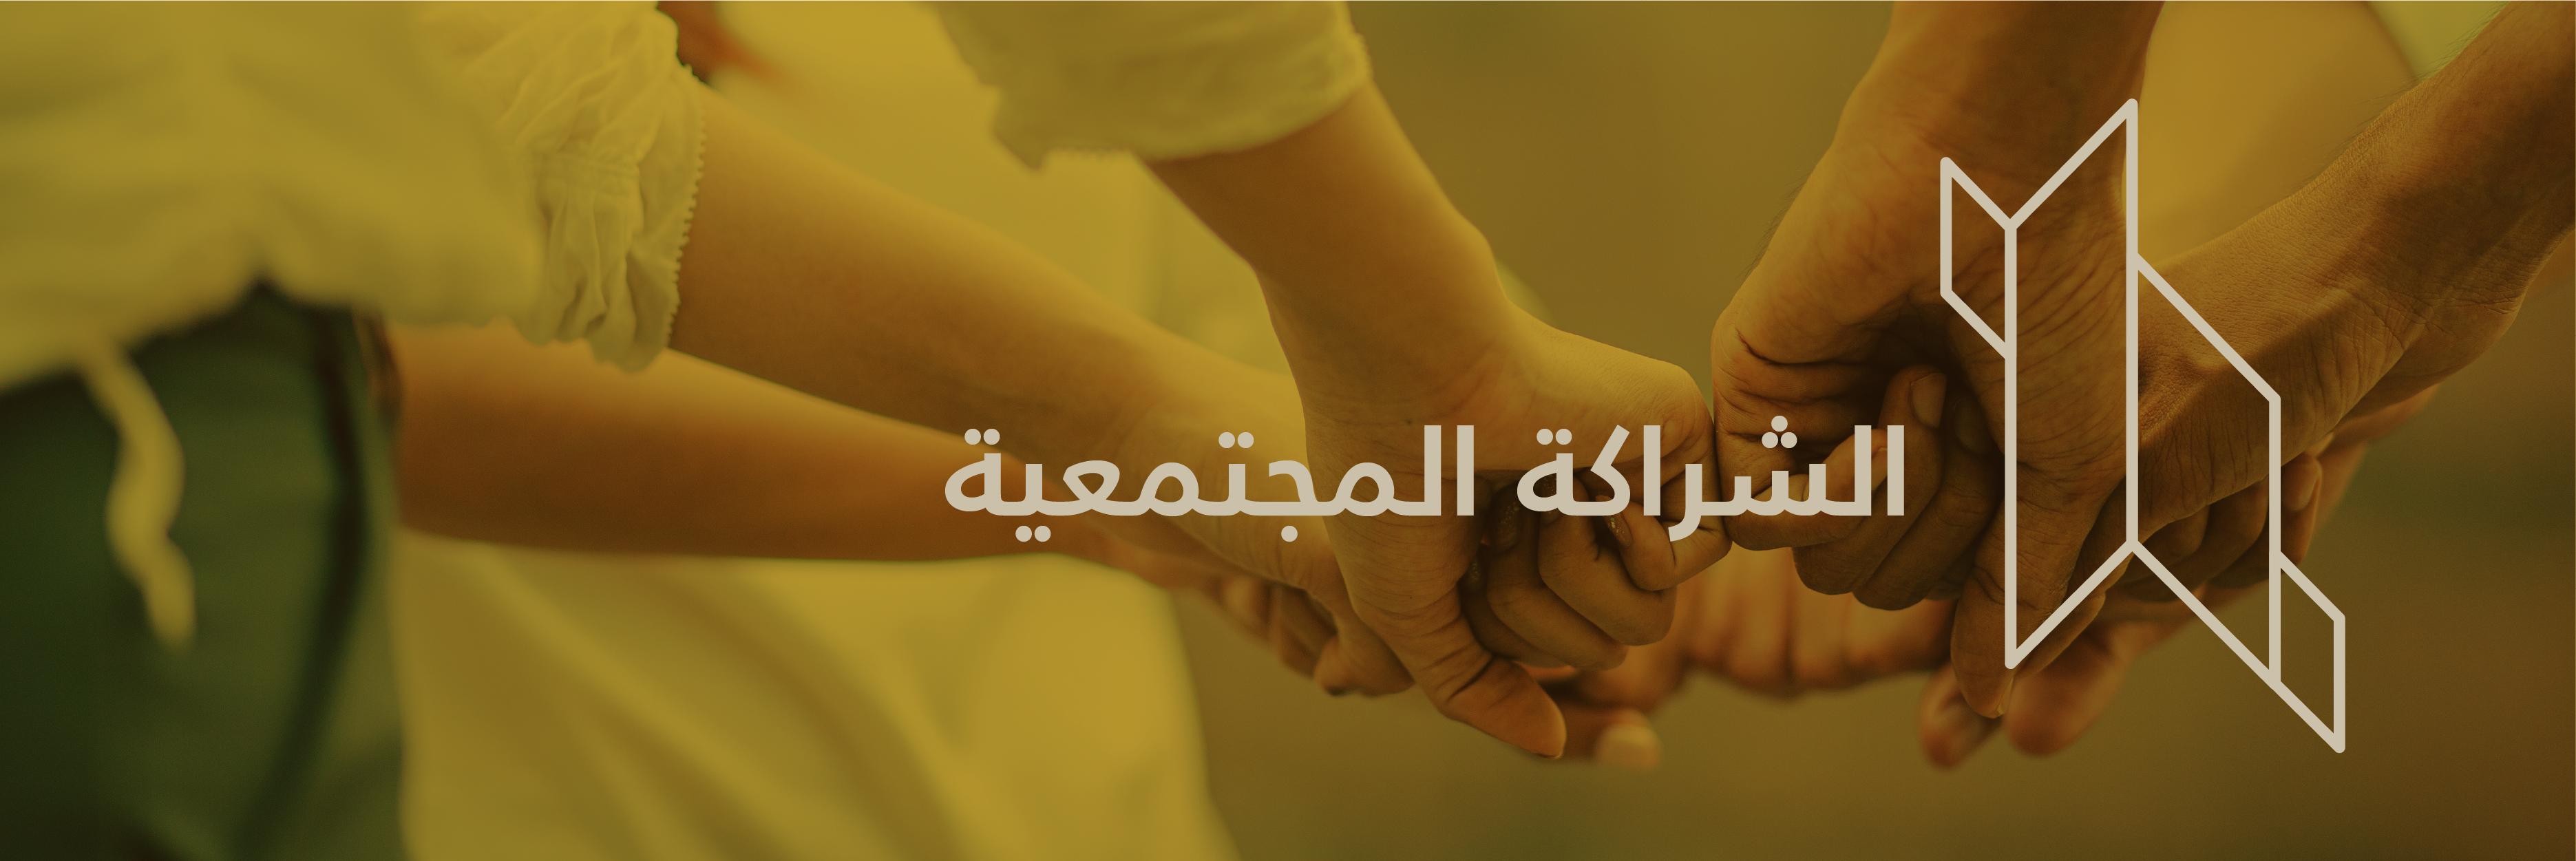 الشراكة المجتمعية